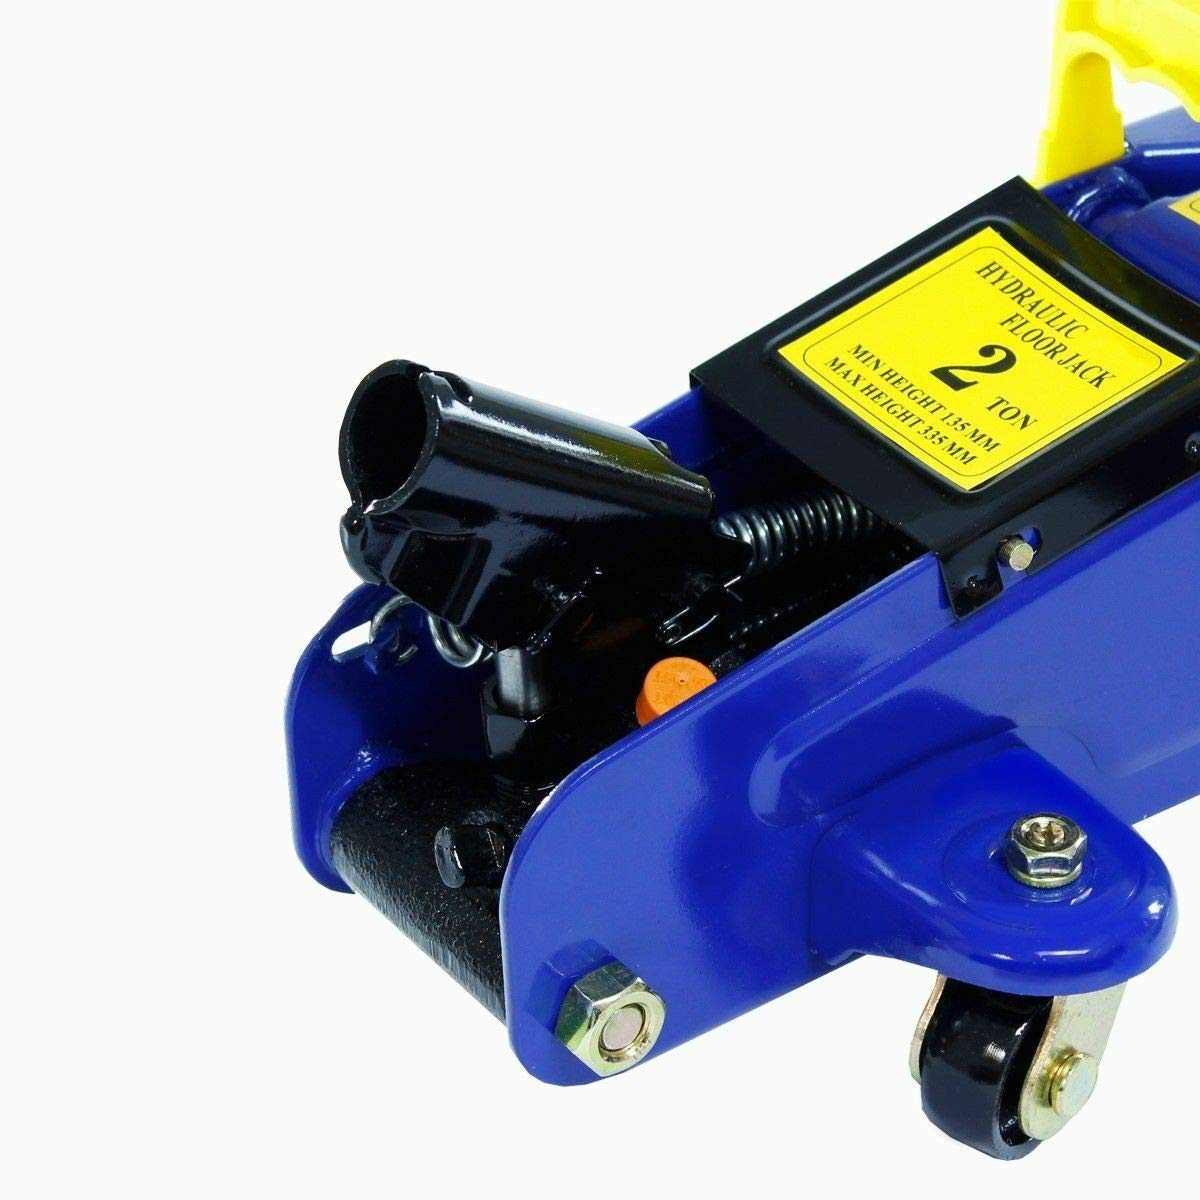 Estable Gato hidr/áulico para Carro de Coche con Gato hidr/áulico de elevaci/ón r/ápida con Funda de Almacenamiento Xinng 2T port/átil Resistente